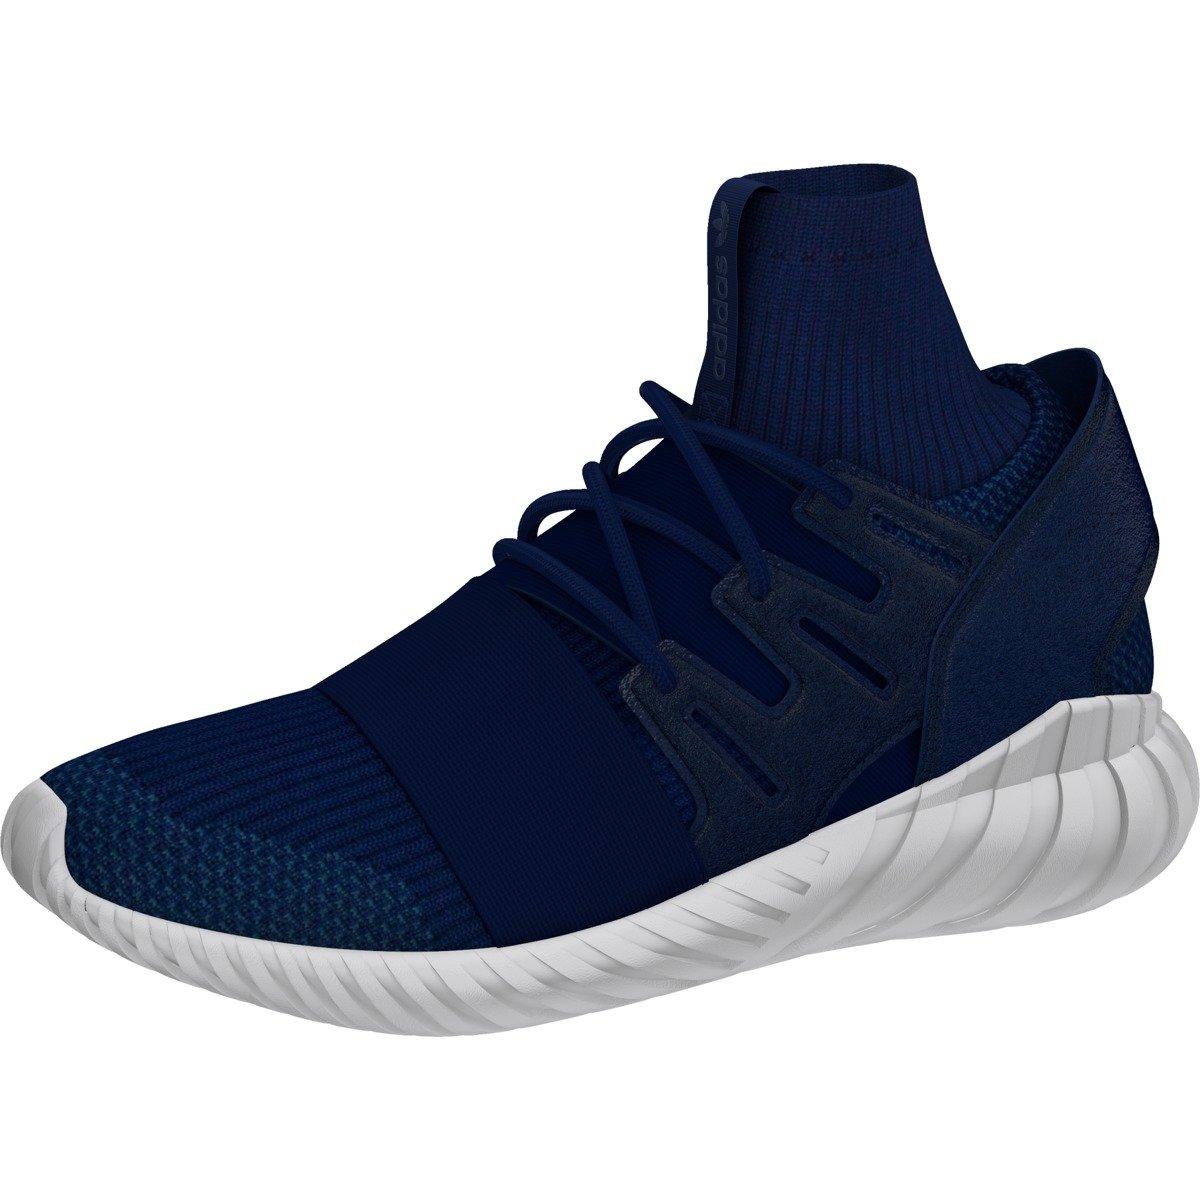 reputable site 54c6d c6675 Adidas Originals Tubular Doom Primeknit Shoes - S80103